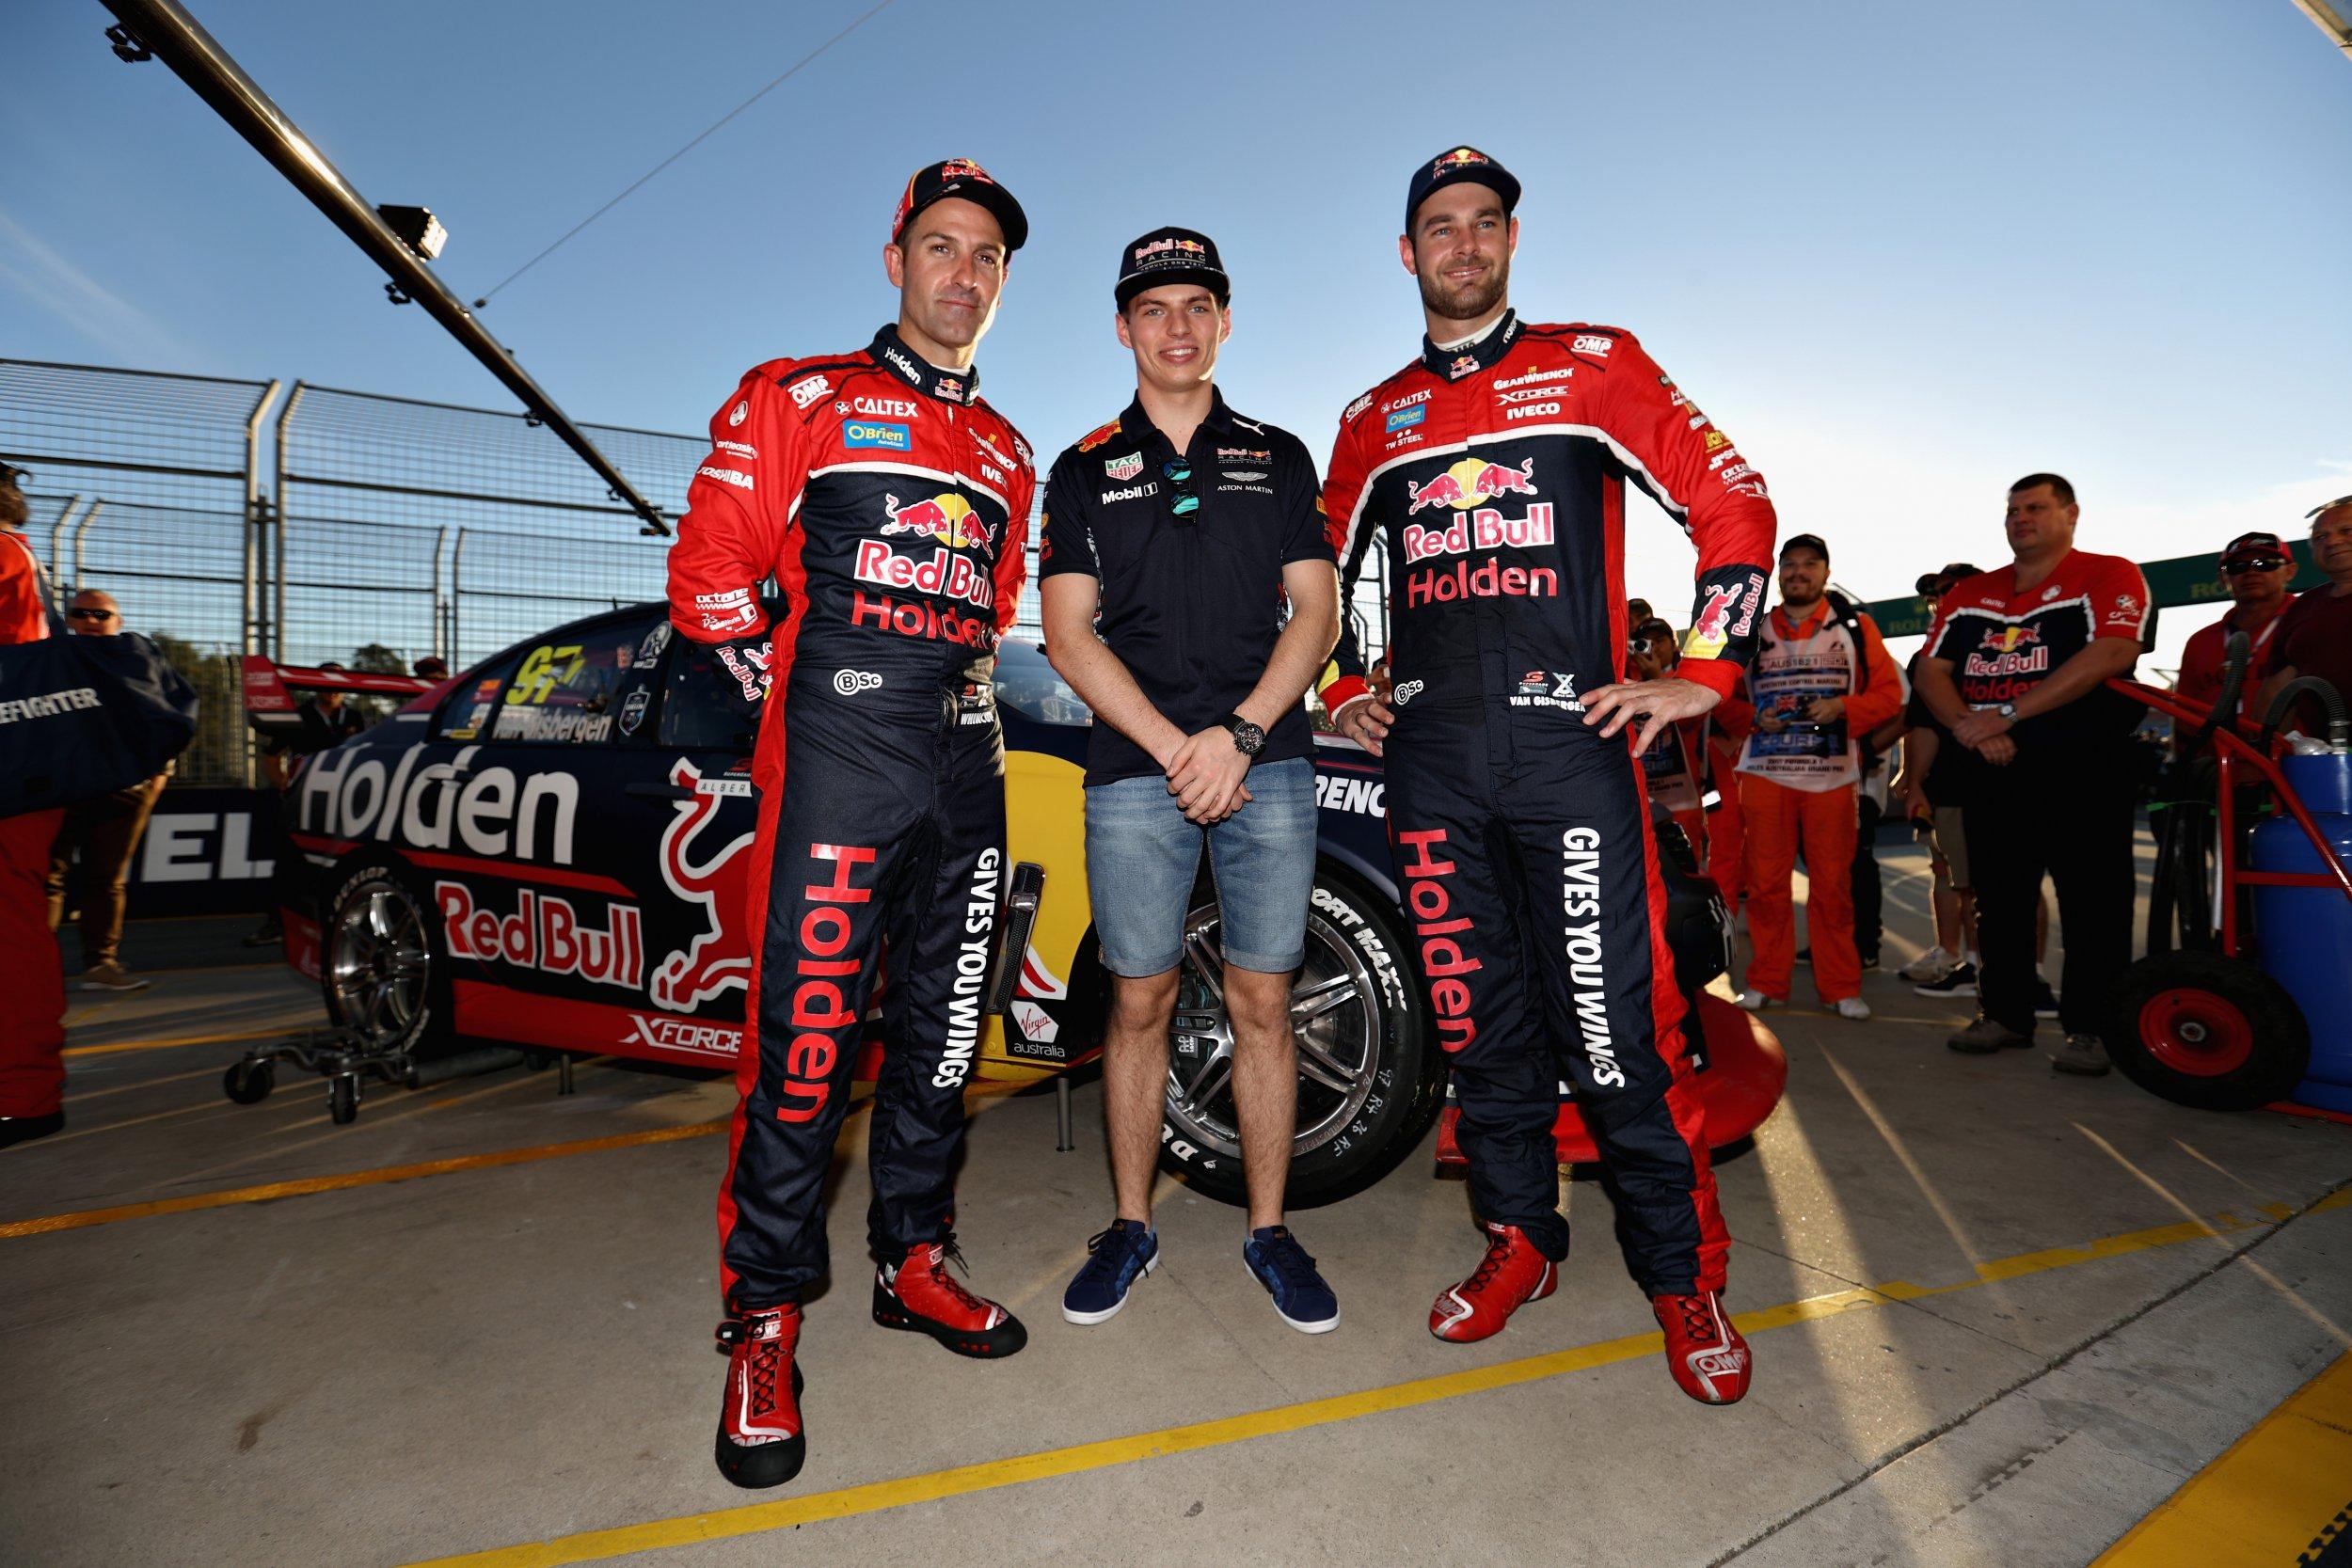 Red Bull Formula One driver Max Verstappen, center.